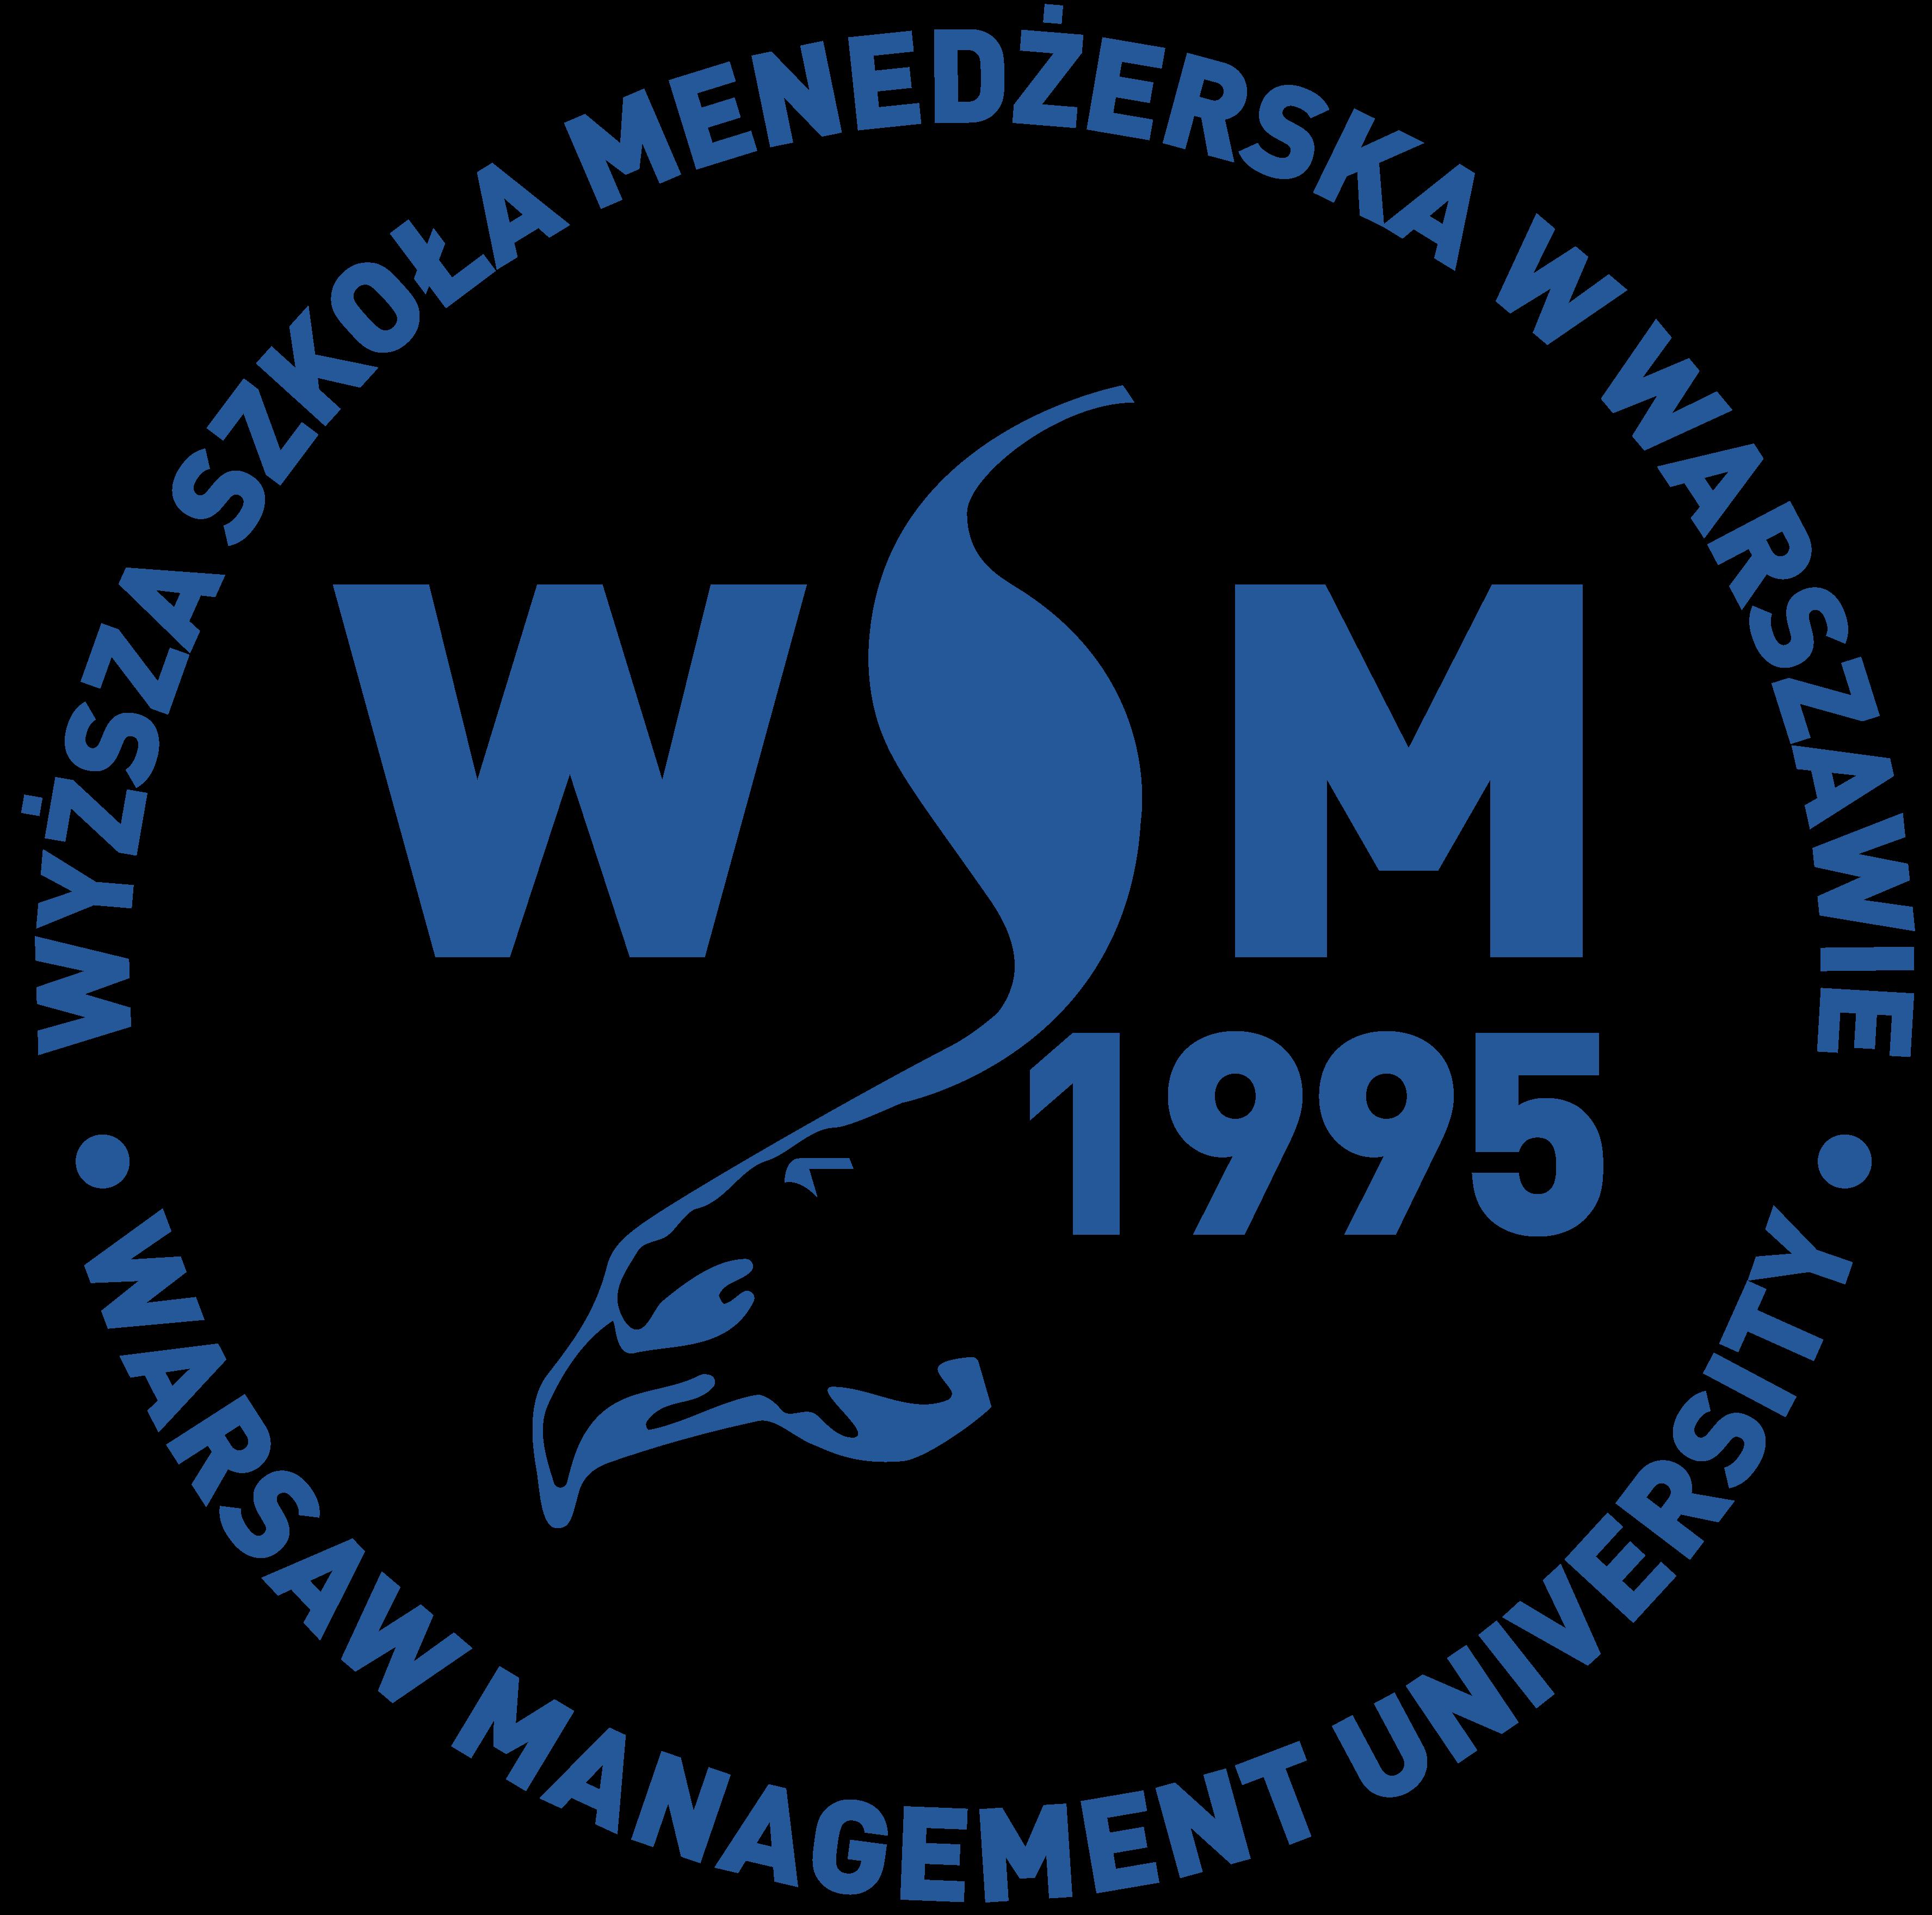 logo_wsm_2018